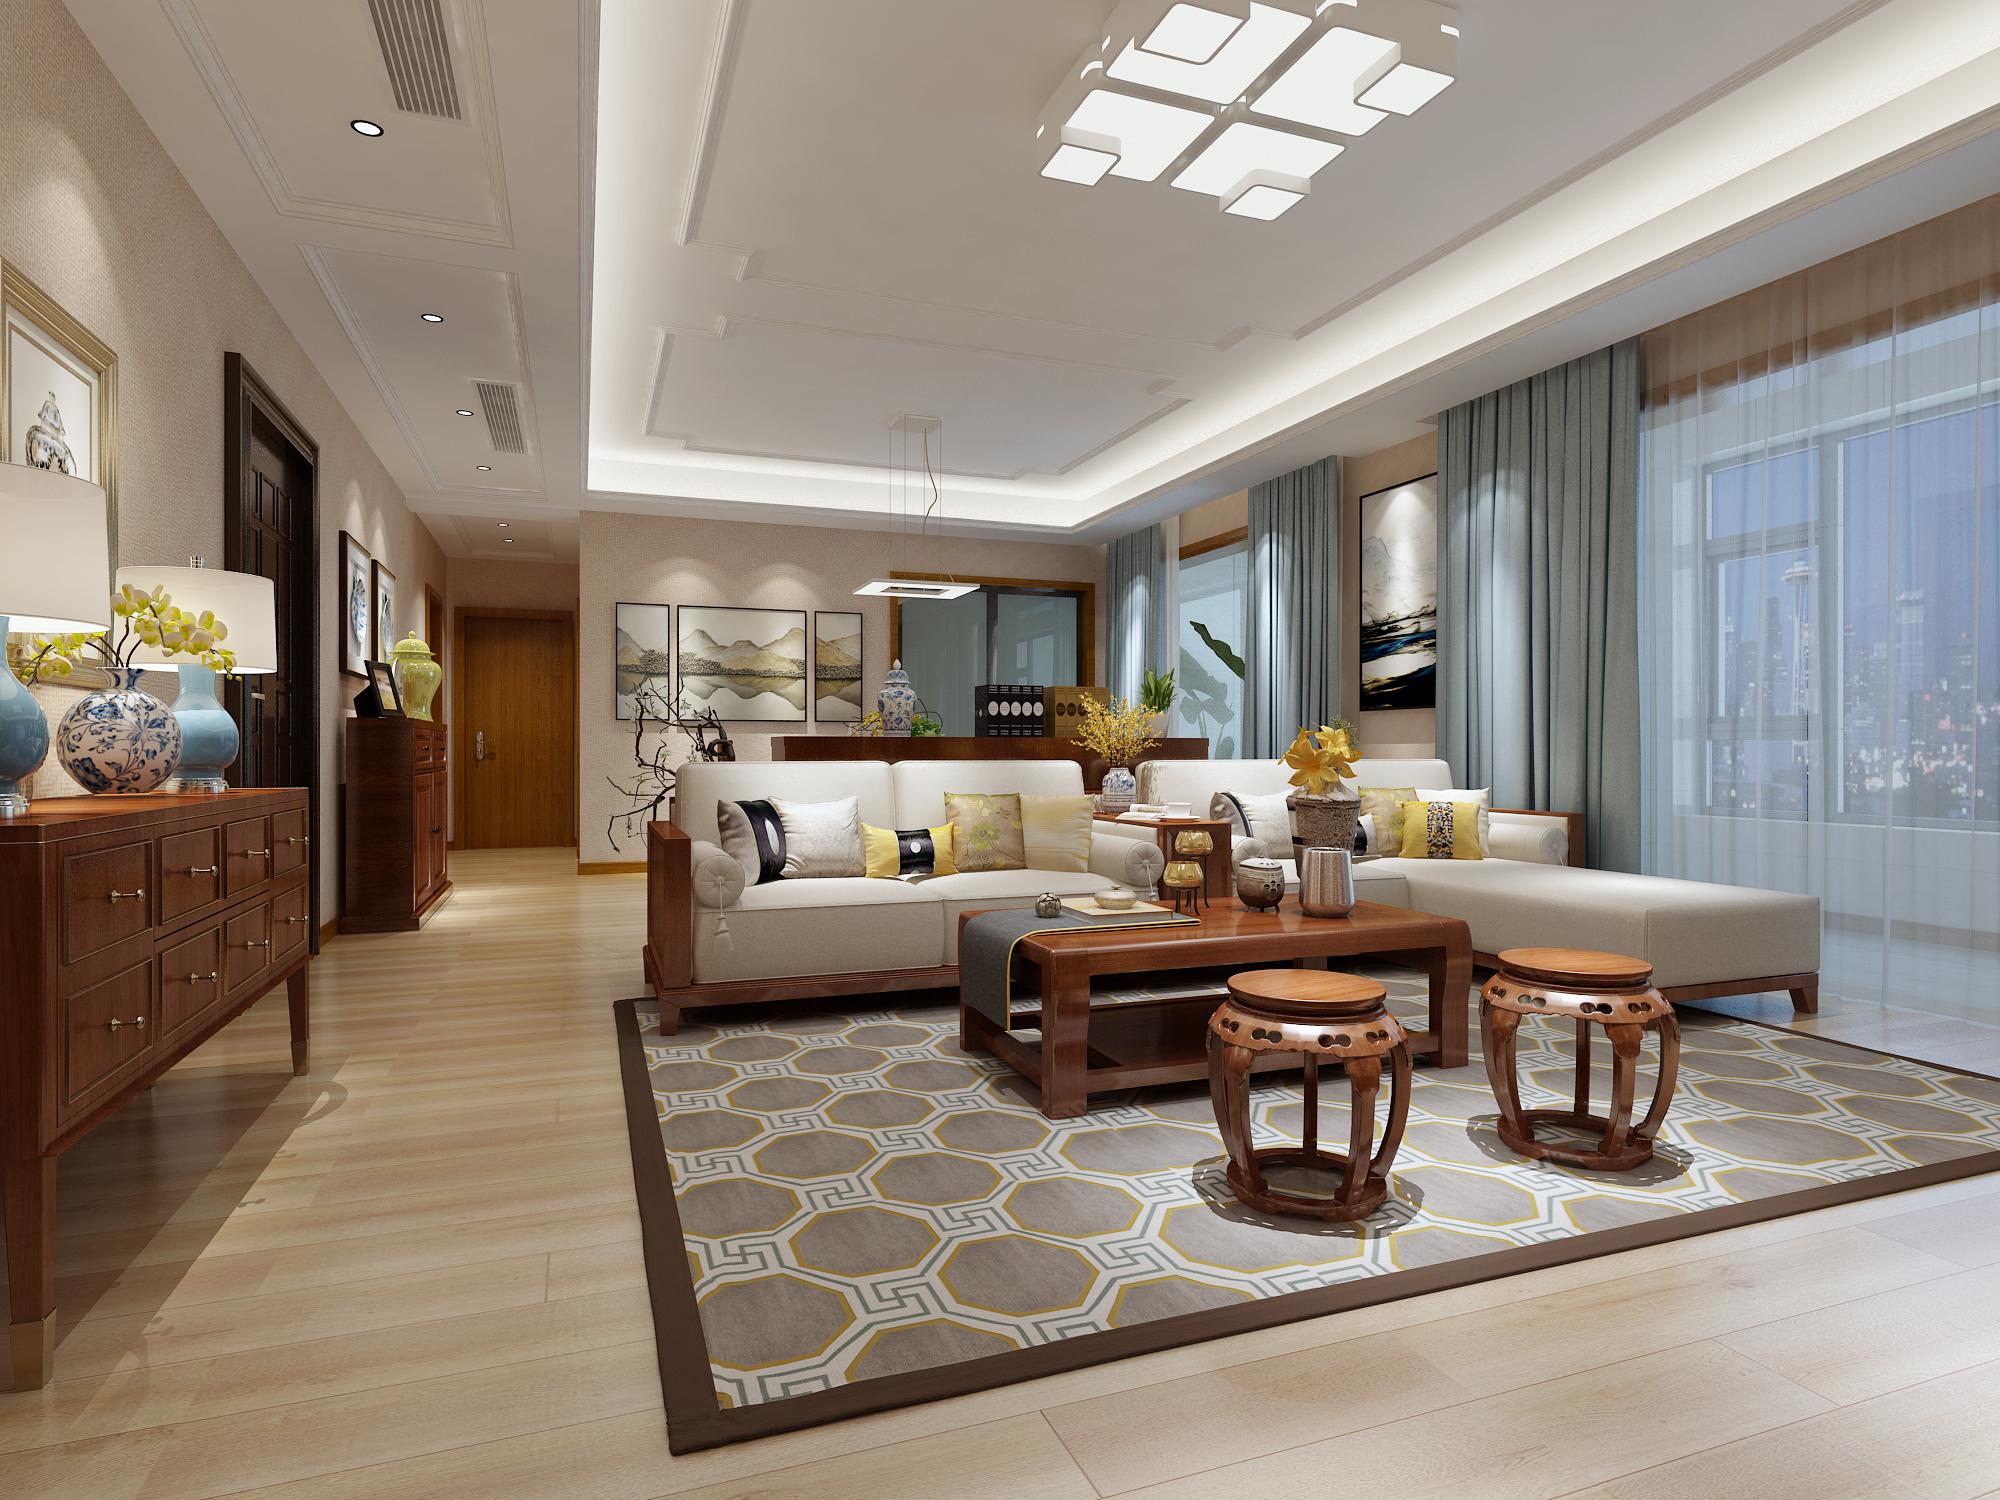 新中式 生活家 青岛 职工宿舍 客厅图片来自青岛生活家家居科技有限公司在山大青岛校区职工宿舍的分享